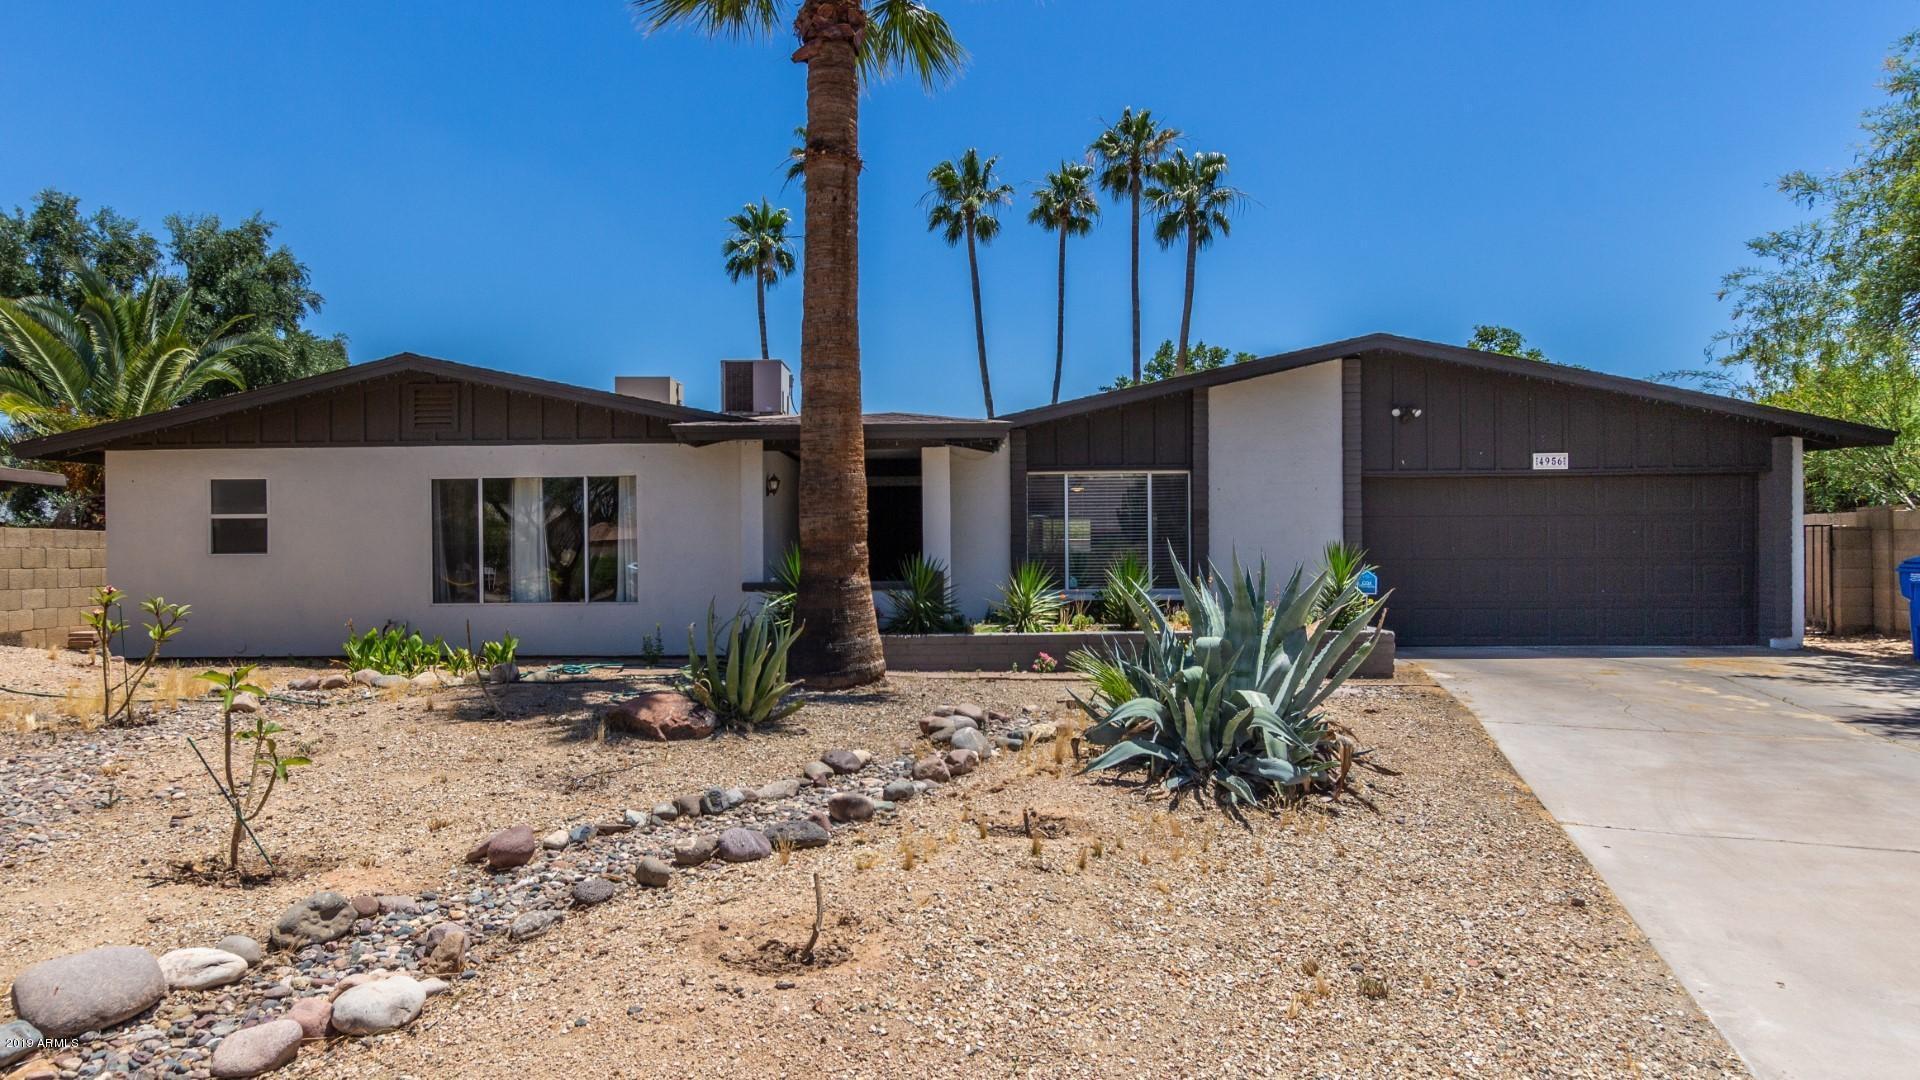 Photo of 4956 W JOYCE Circle, Glendale, AZ 85308